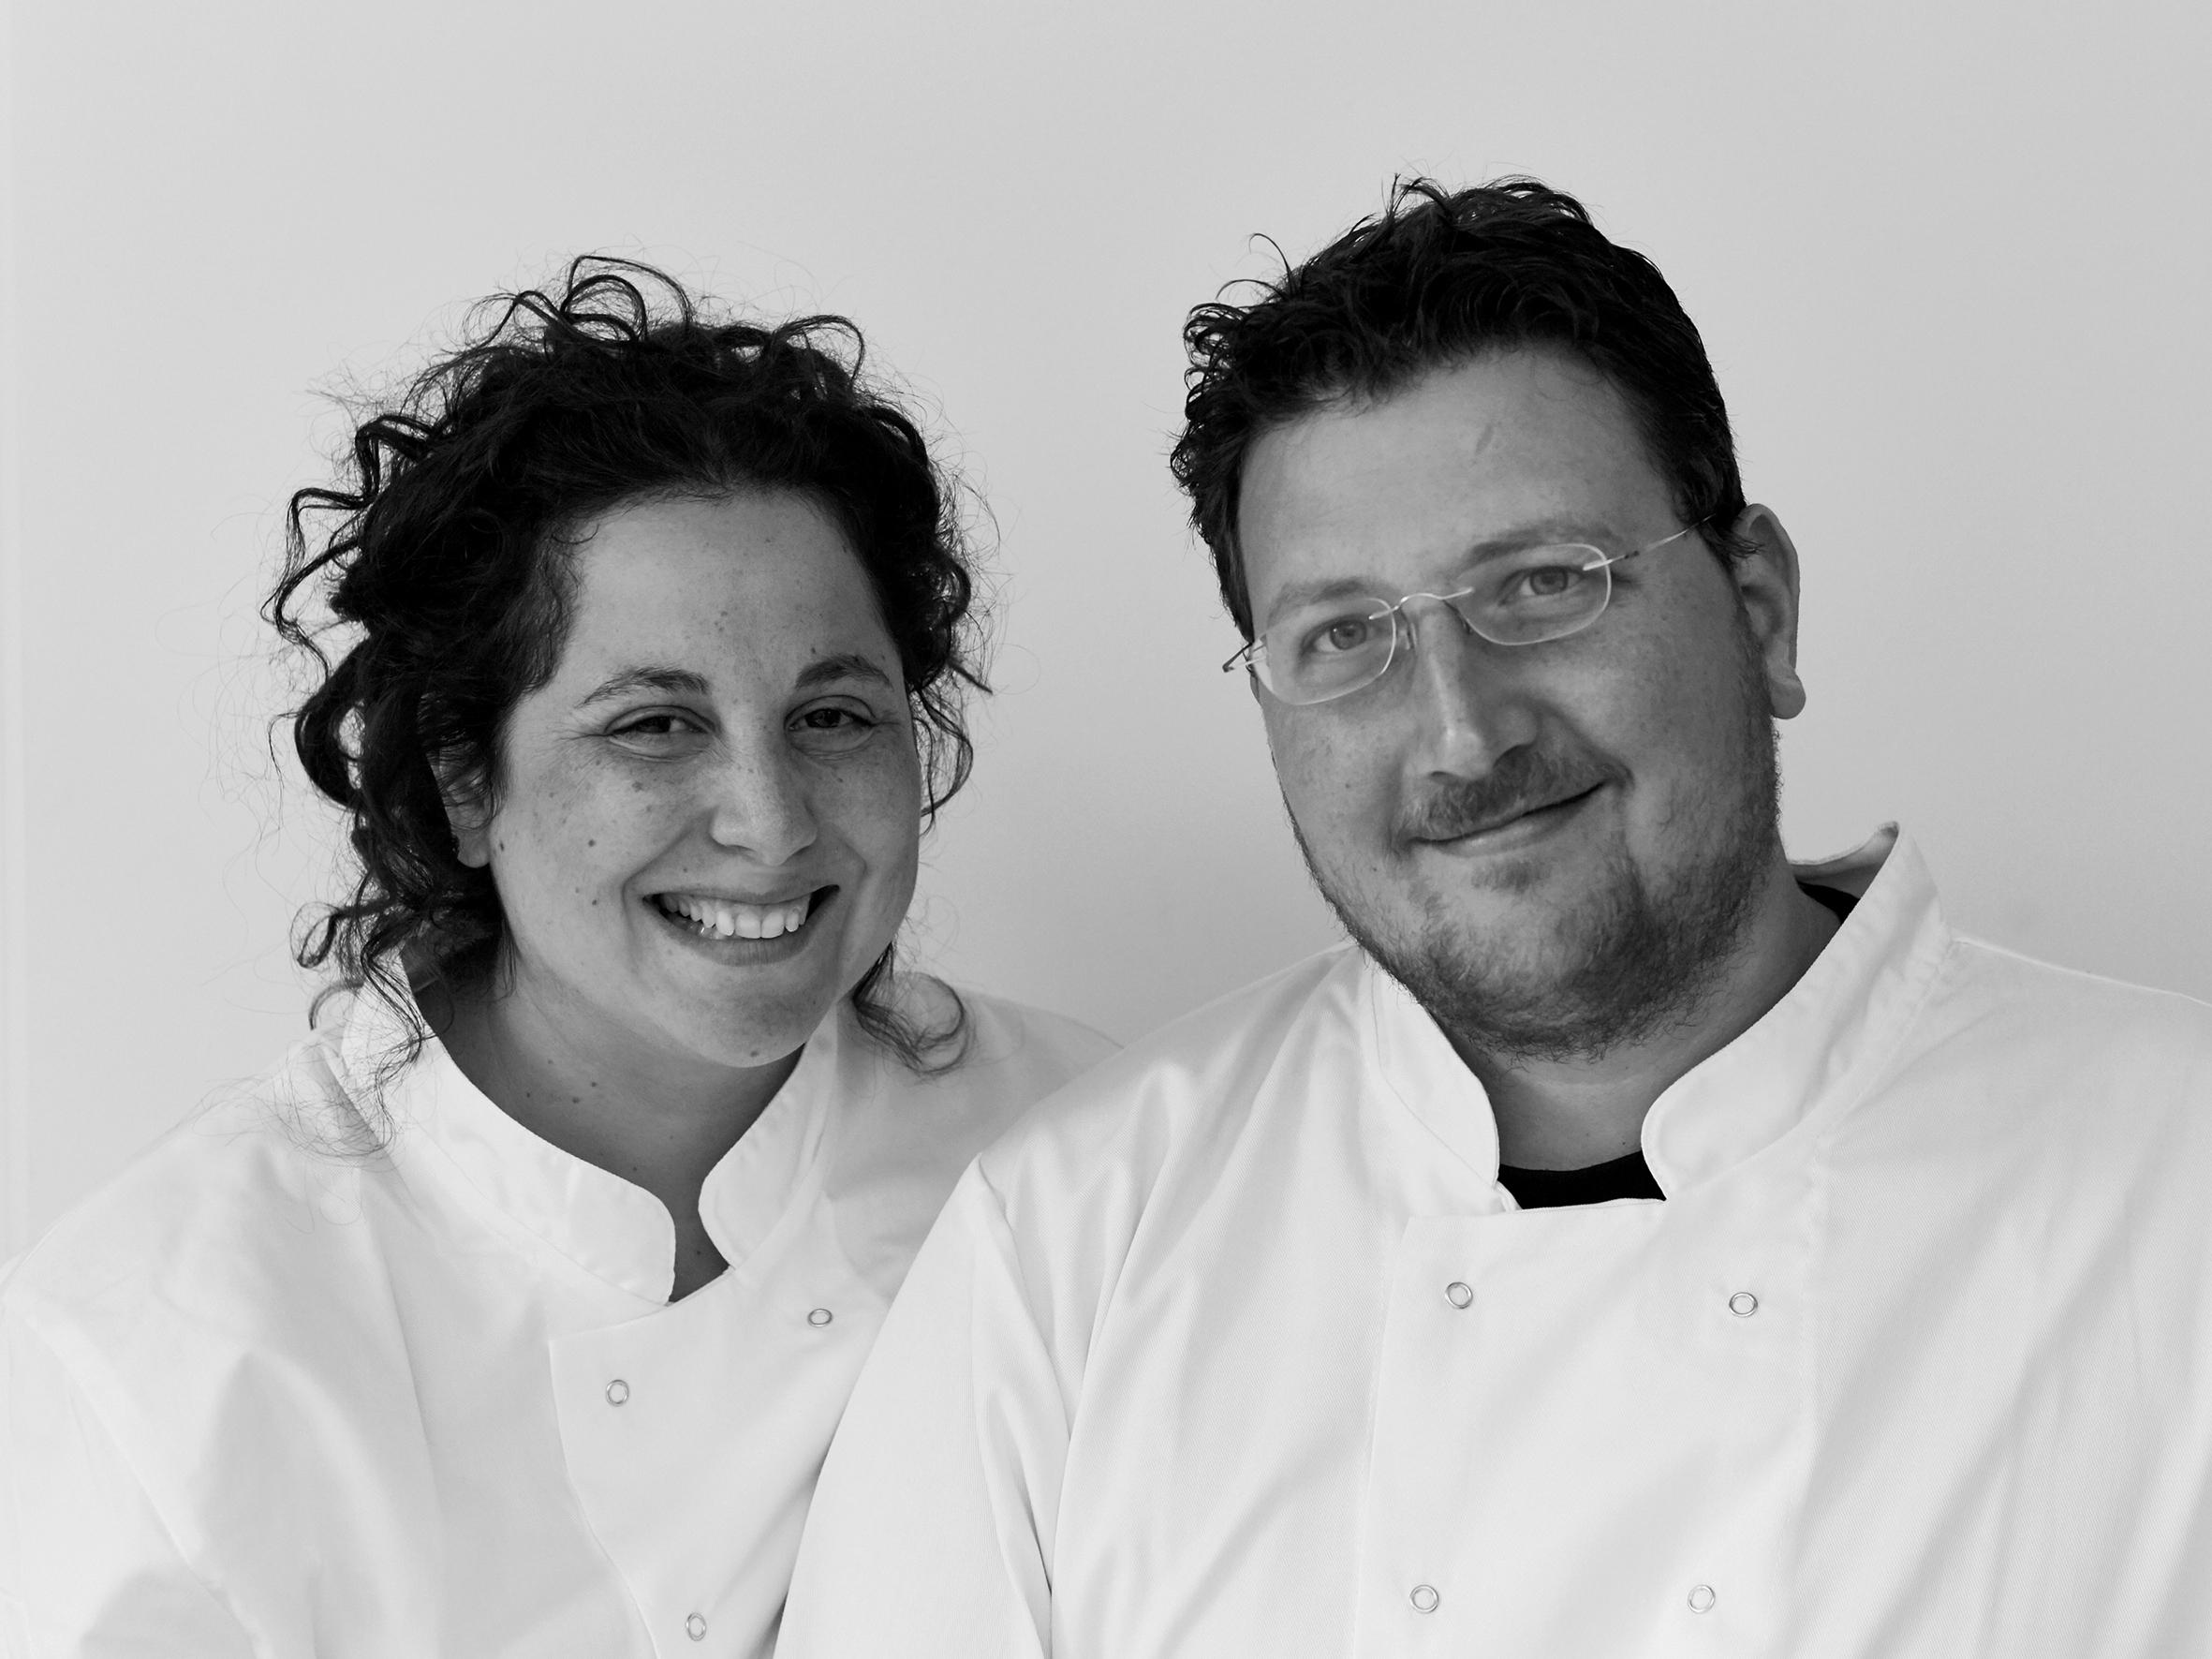 Sarit Packer and Itamar Sruvolich of Honey & Co